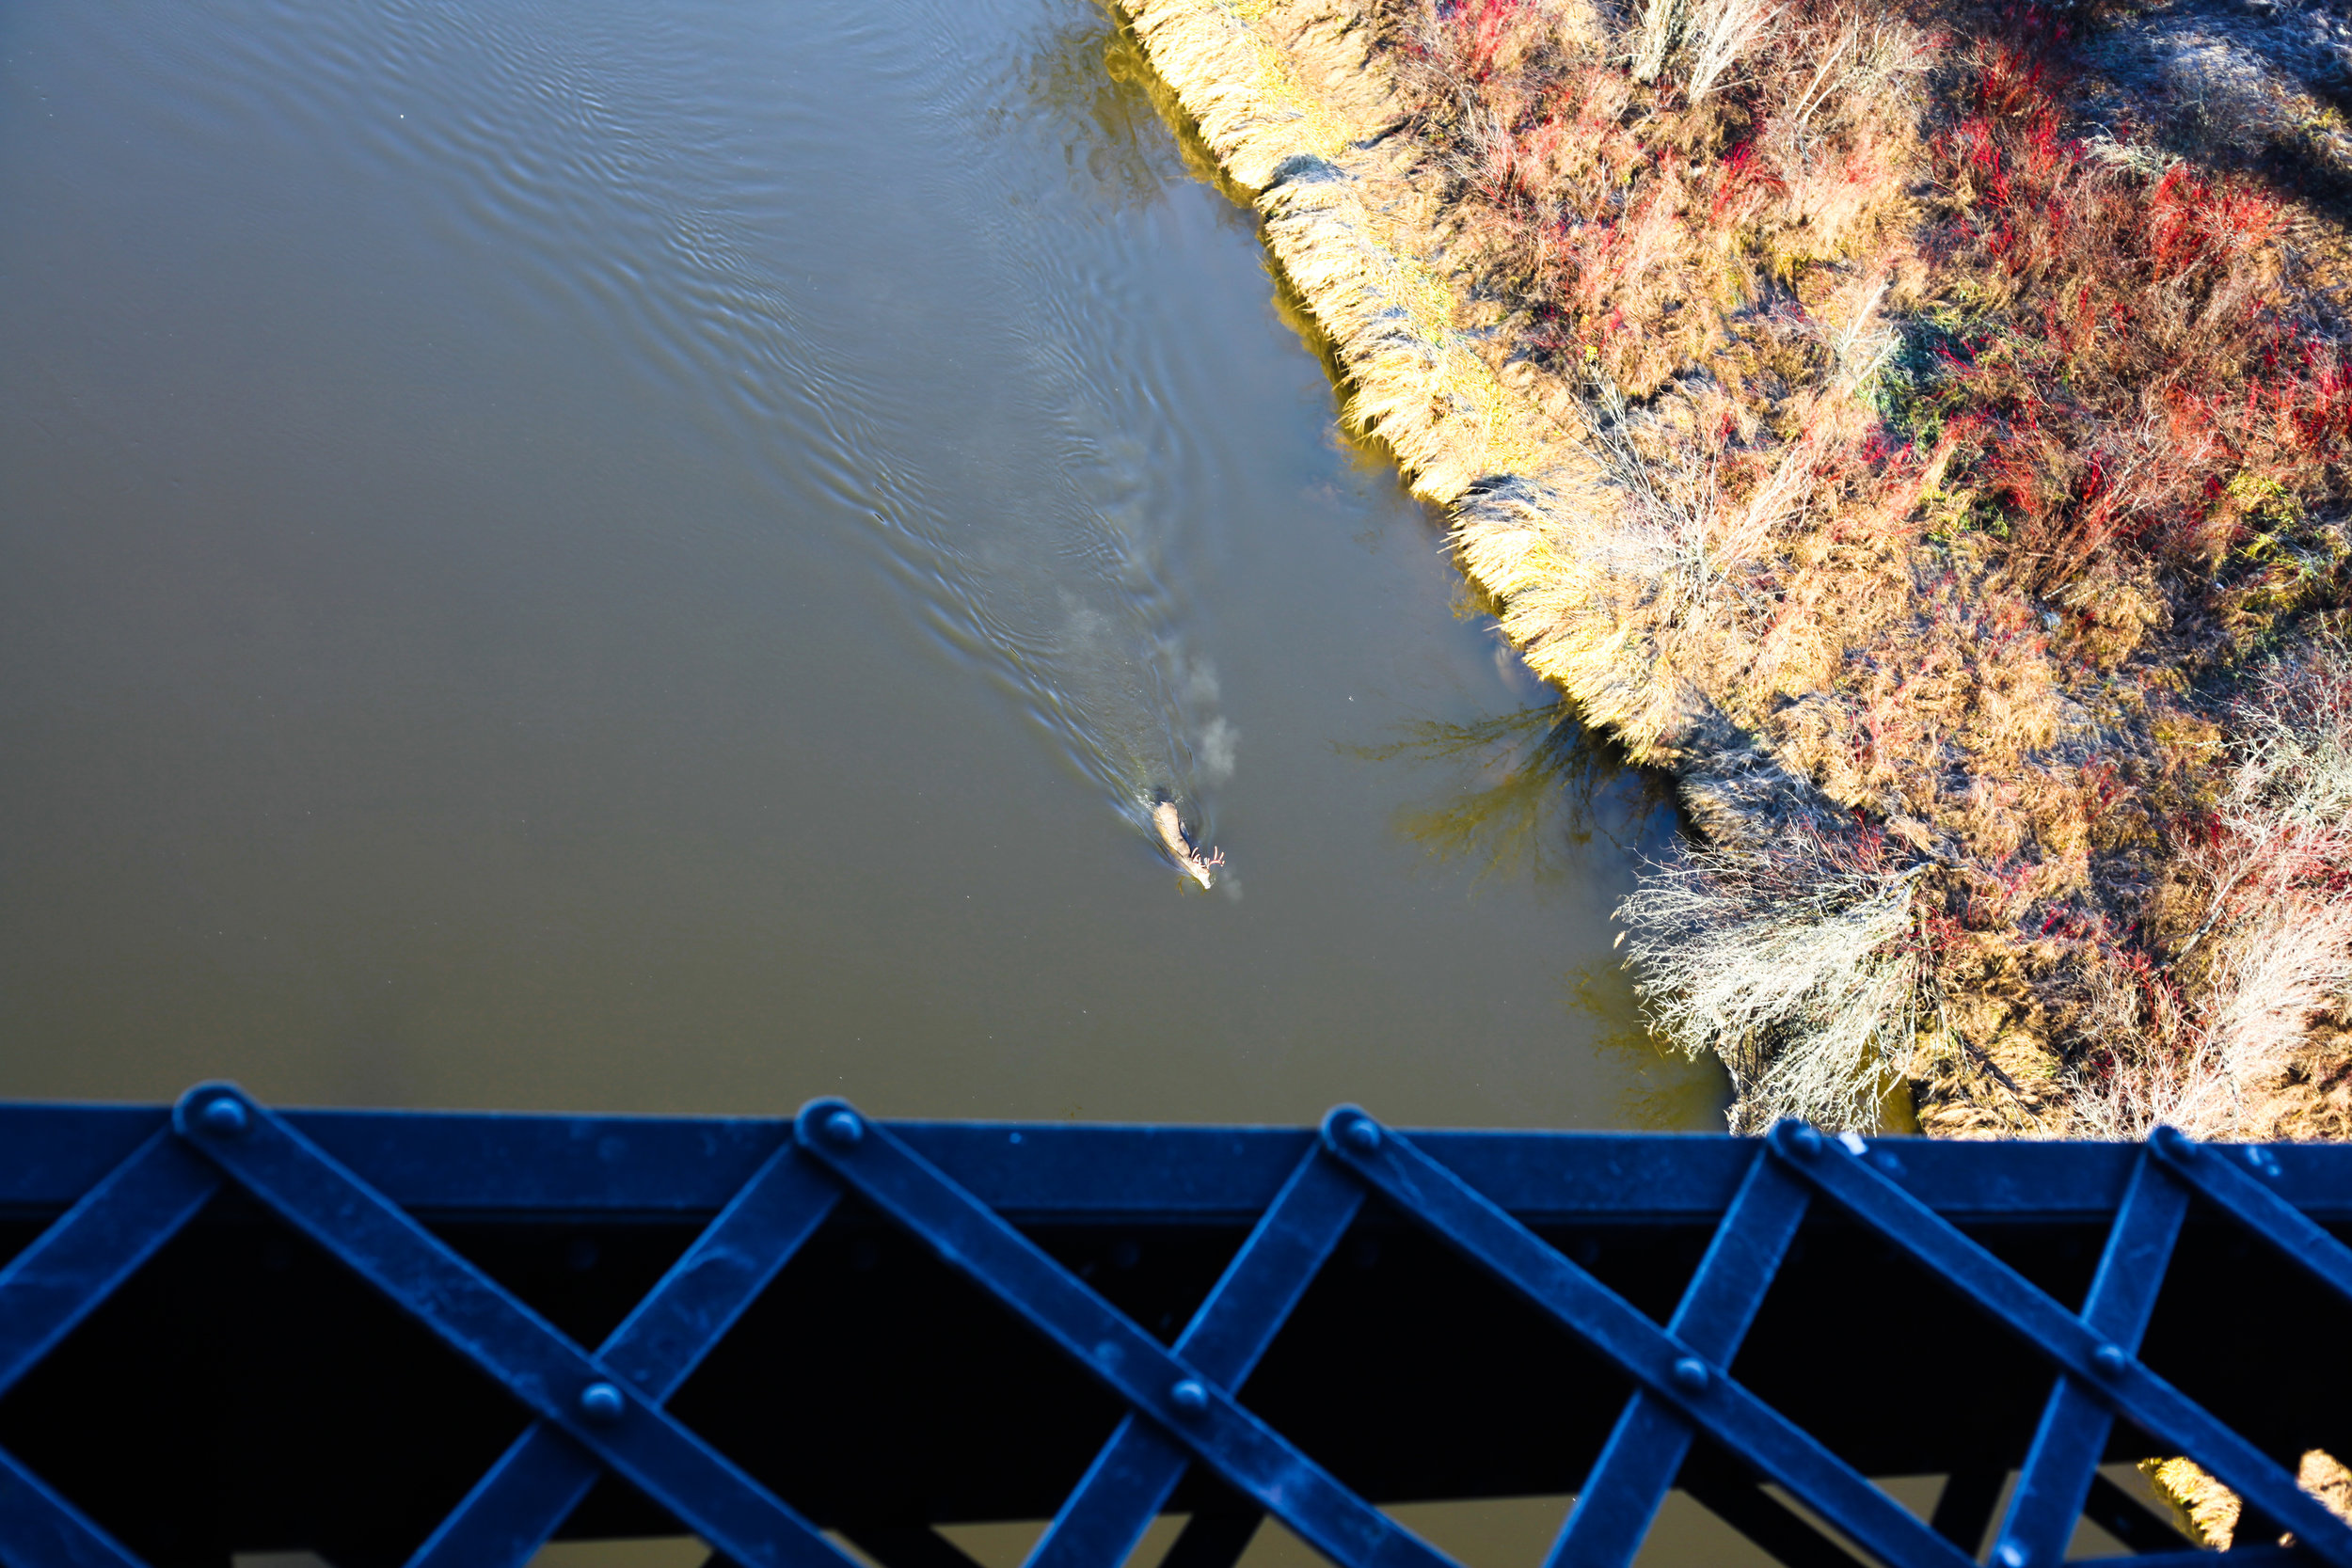 Deer swimming in Beaver River